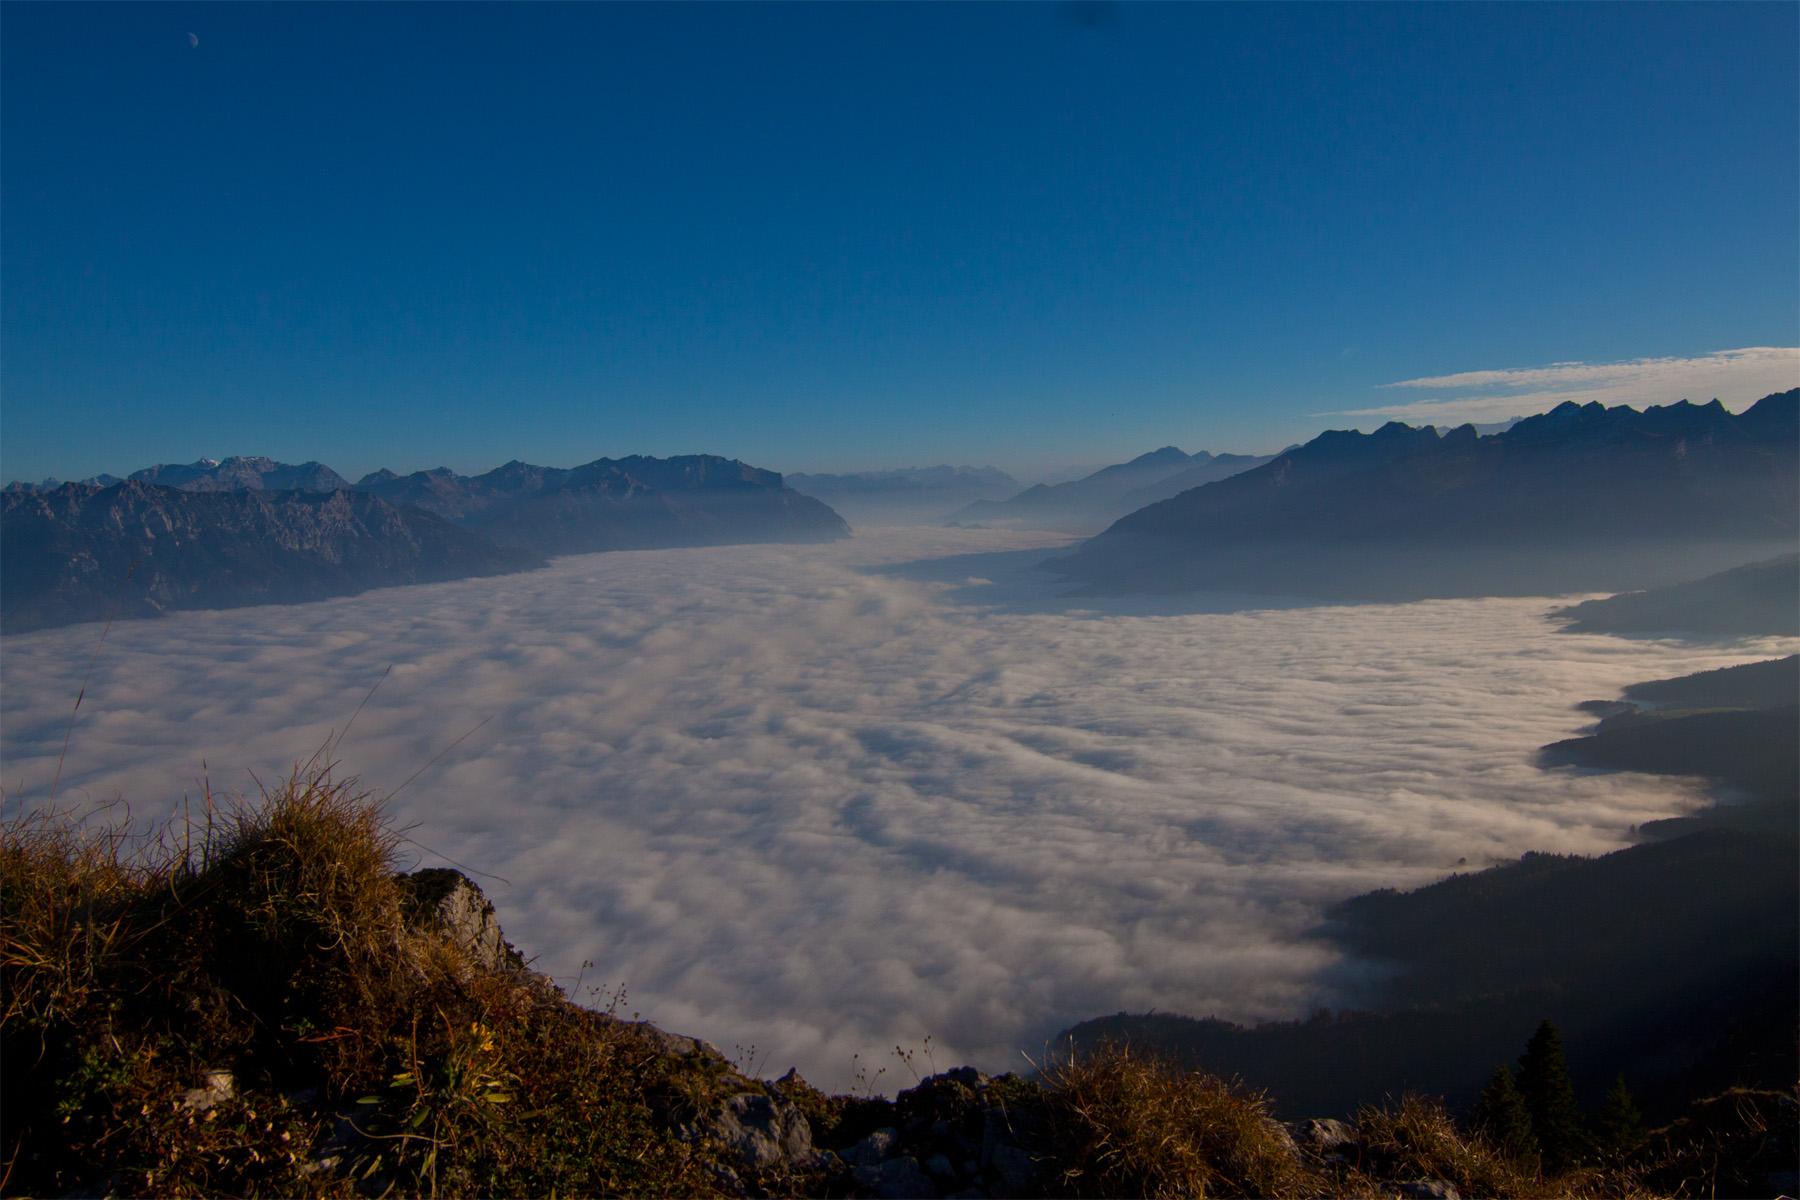 Weiterer Blick auf das Nebelmeer im Rheintal; rechts Buchser Berge; links Drei Schwestern